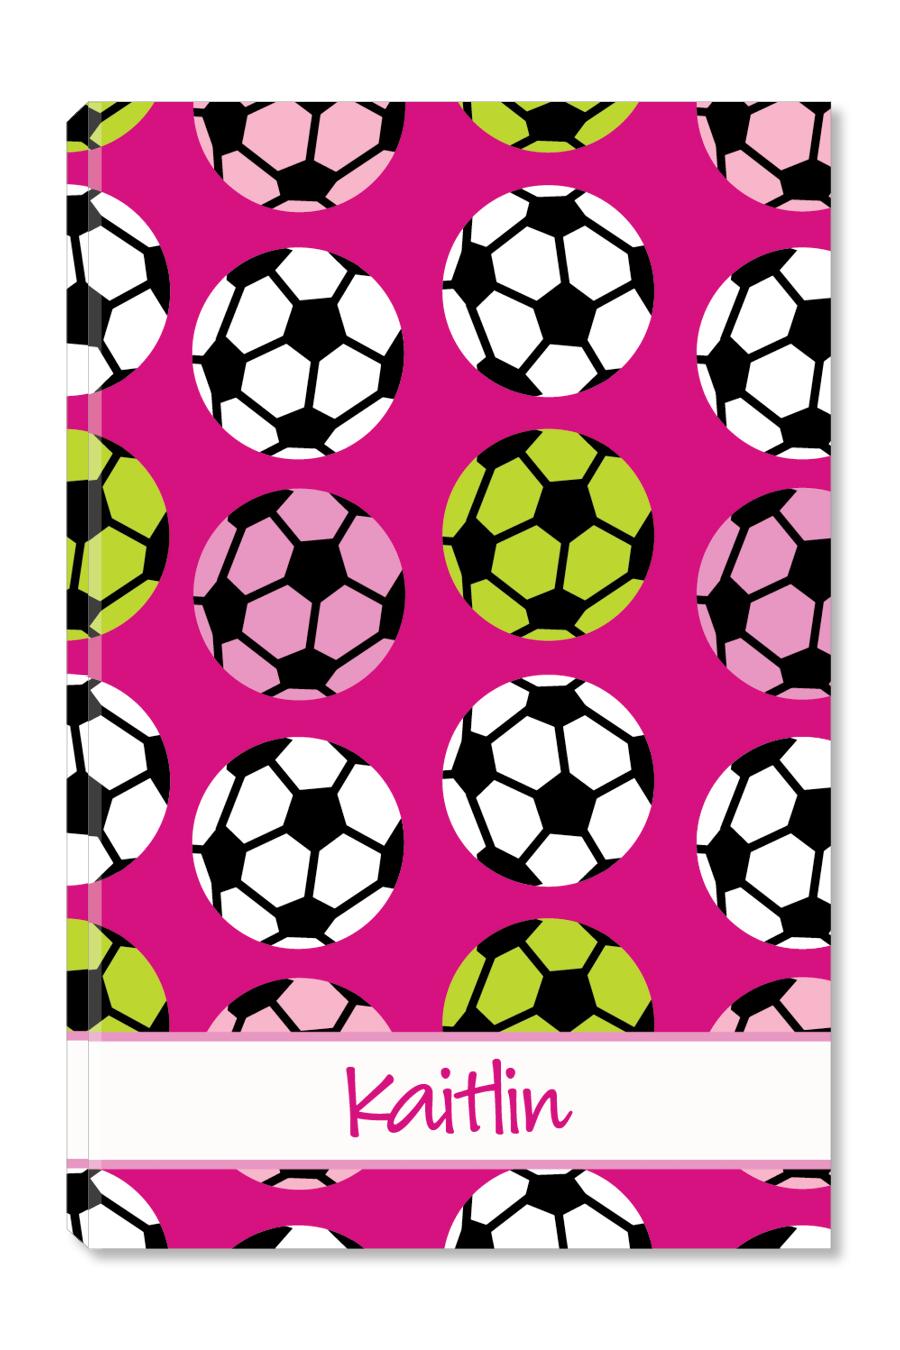 soccerpink